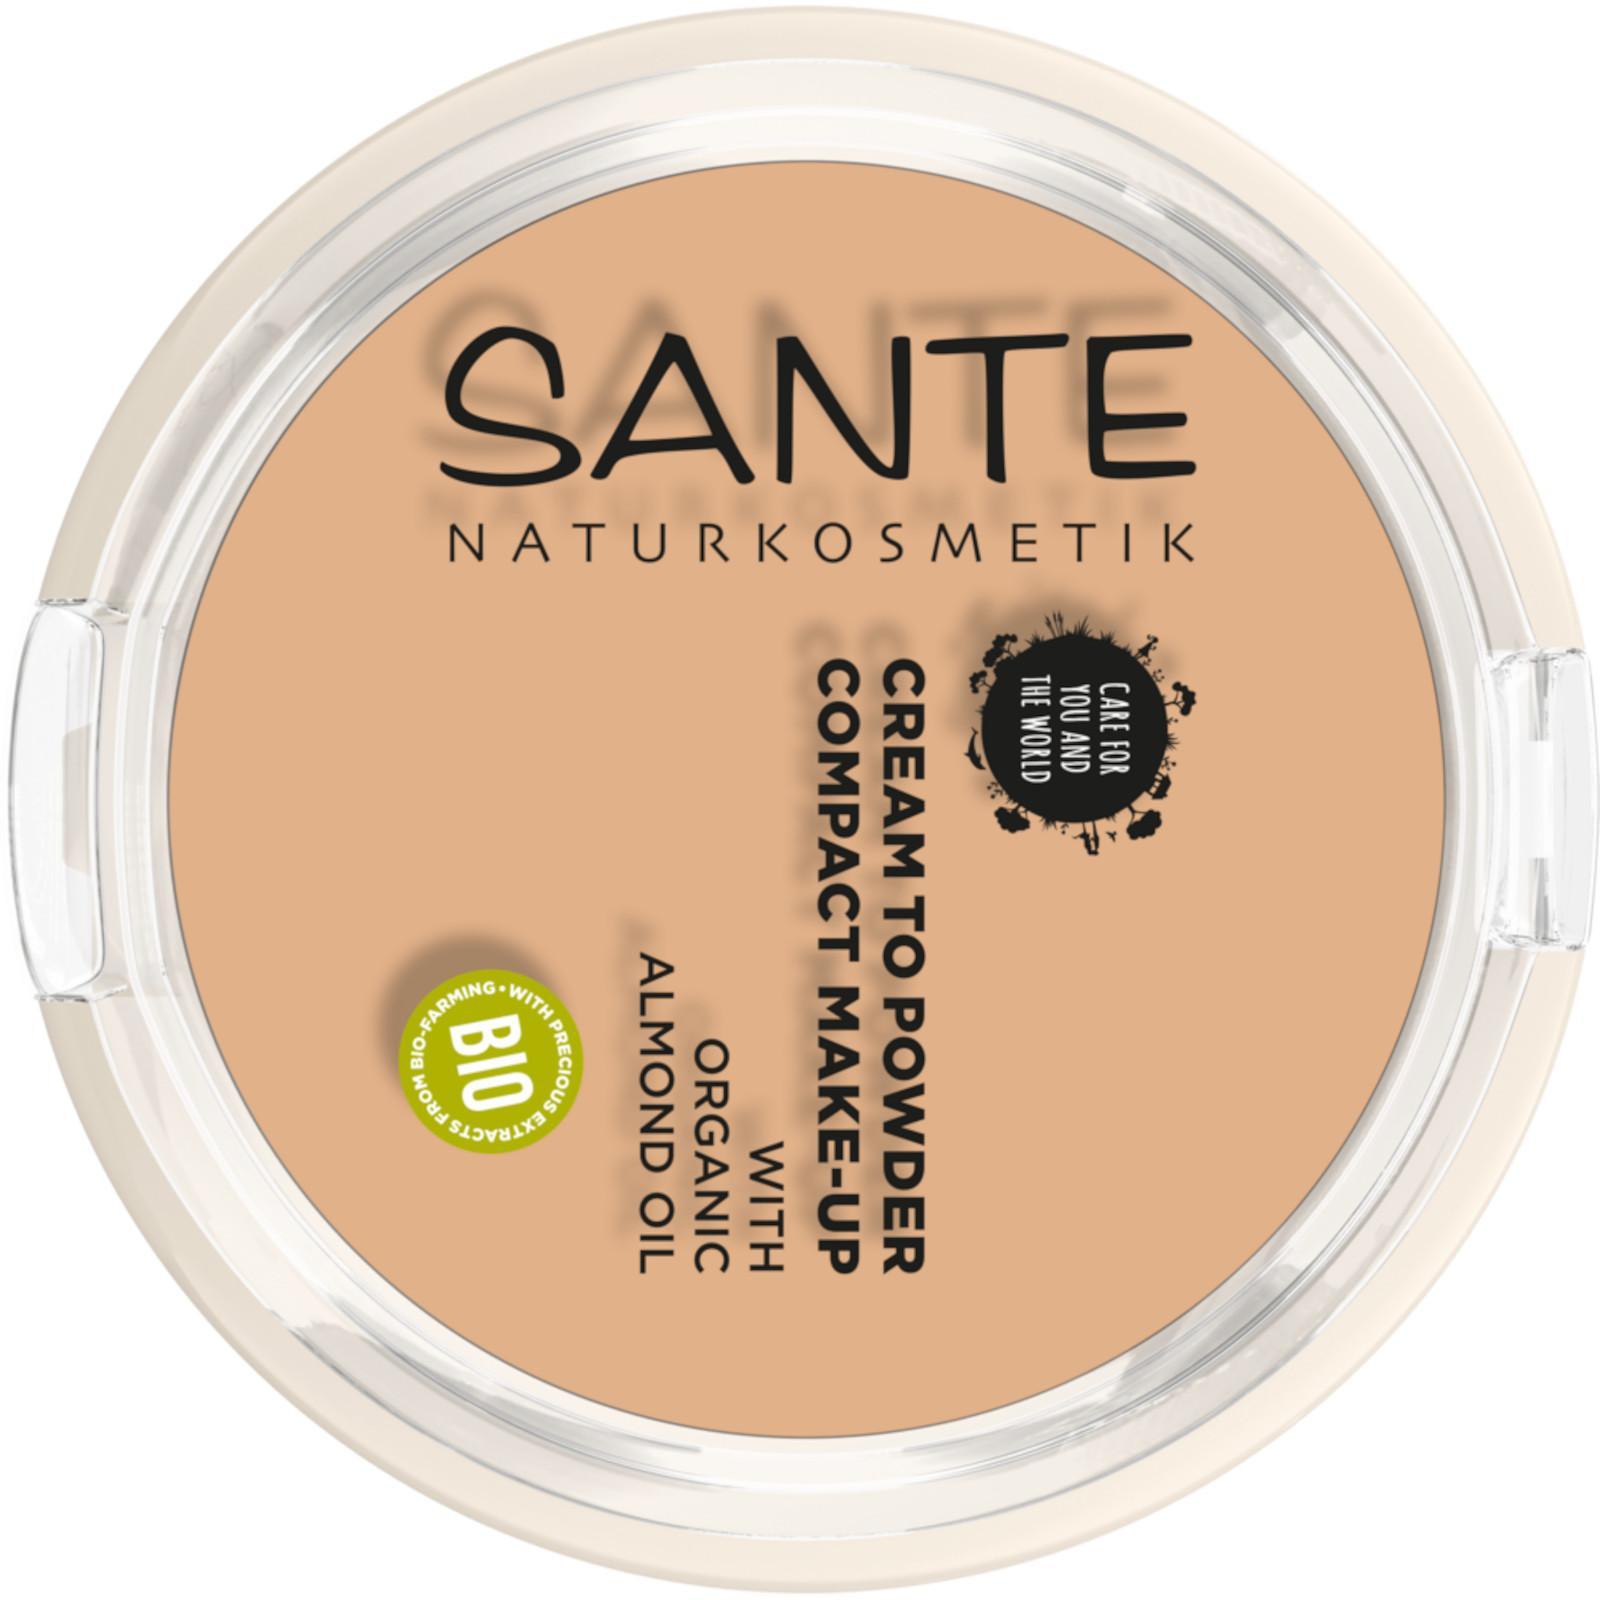 SANTE Kompaktní make-up 02, béžová 9 g